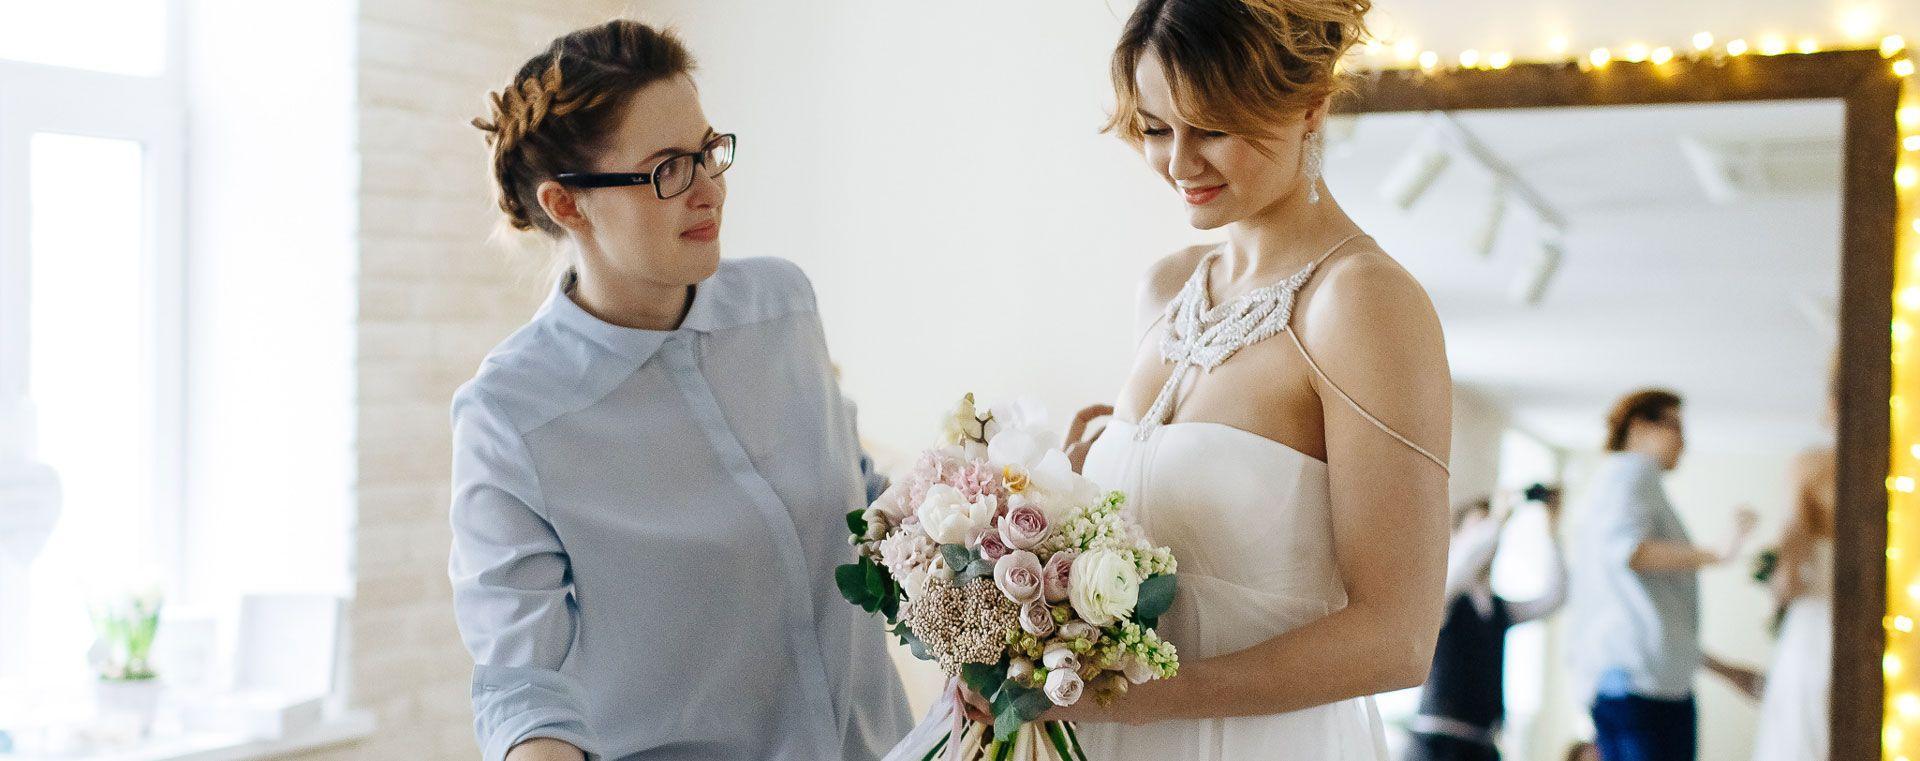 невеста классическая свадьба